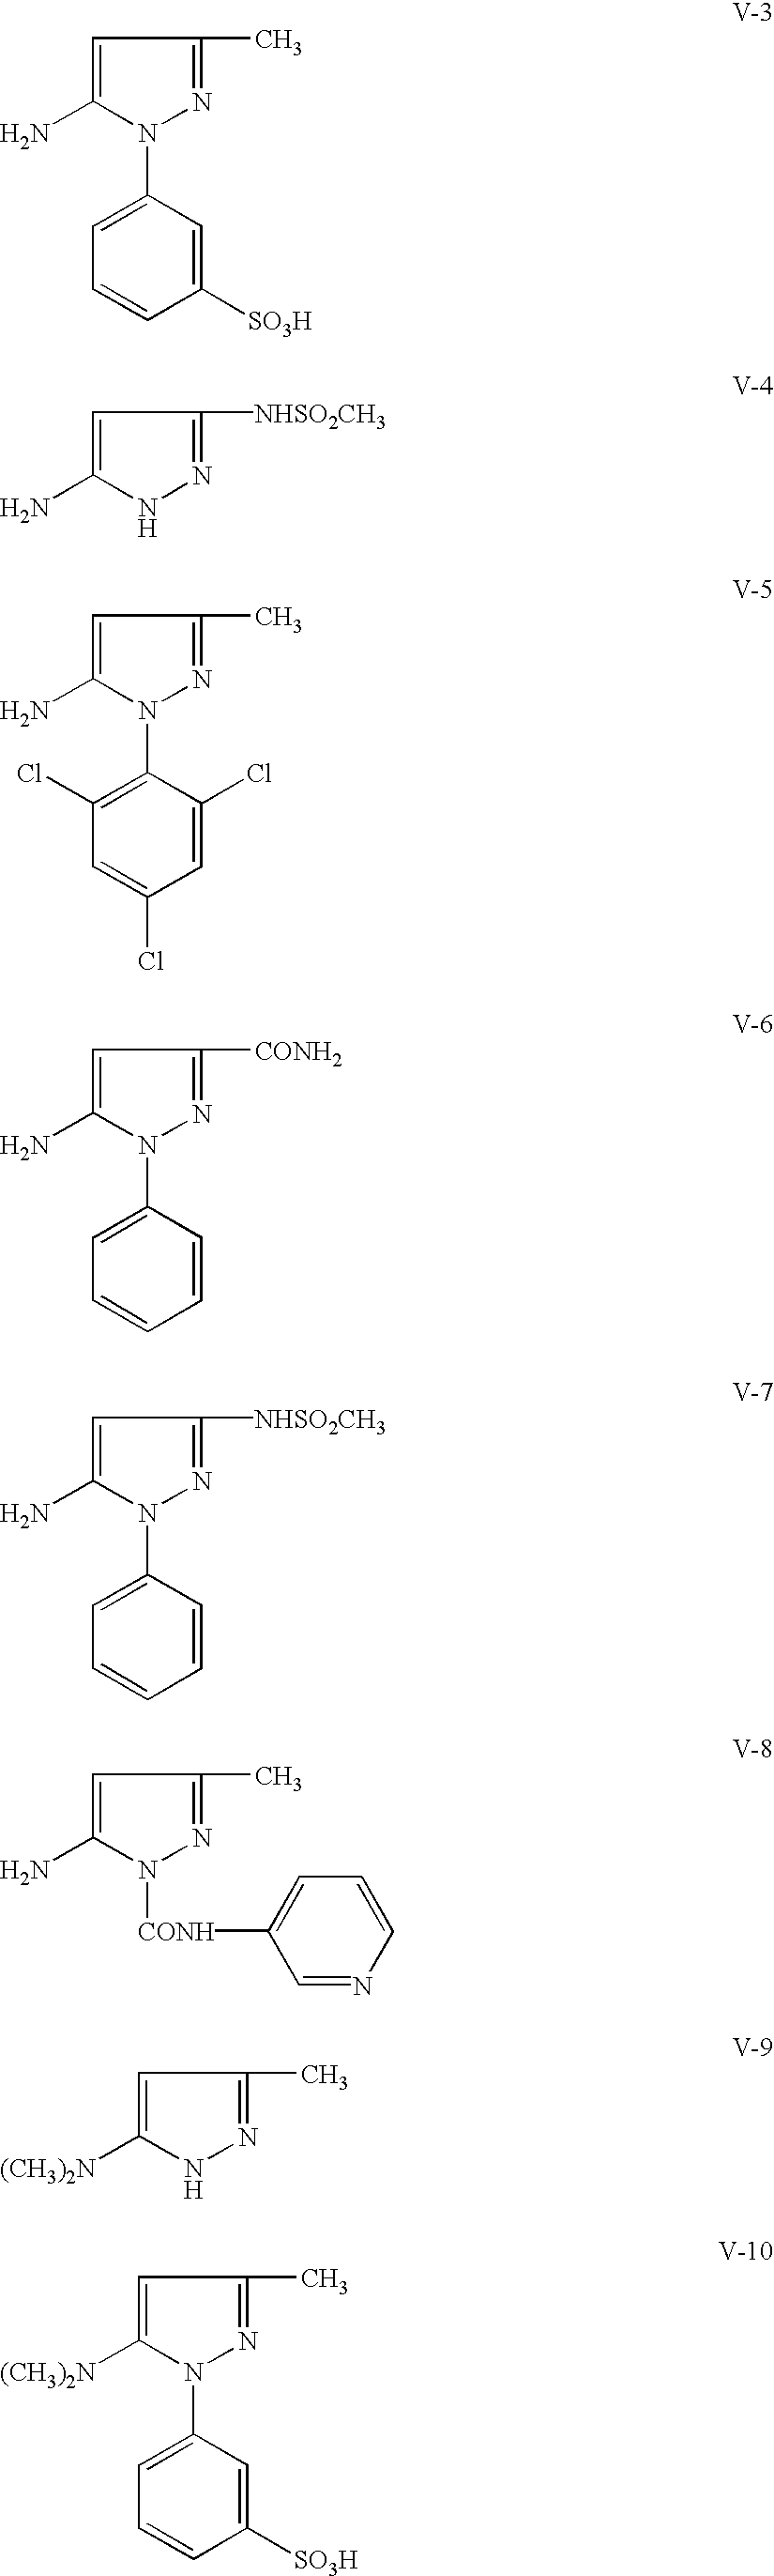 Figure US06495225-20021217-C00013